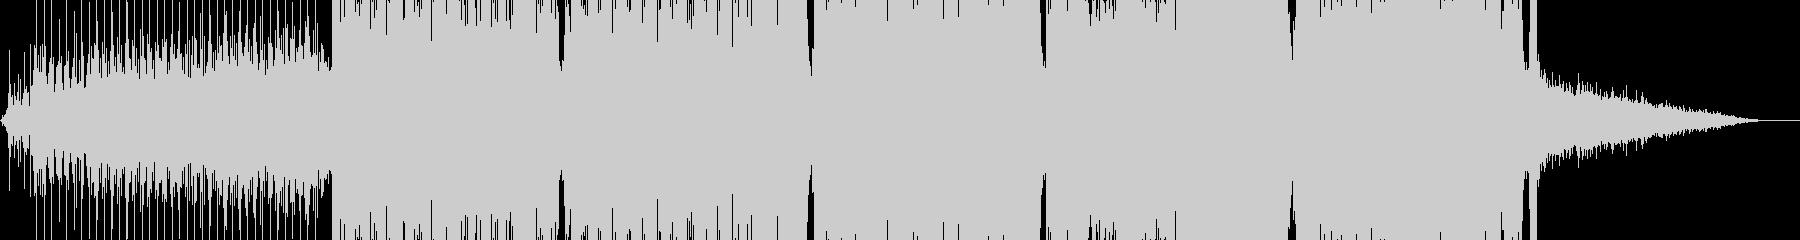 ラウンジ、チルアウト。音響的および...の未再生の波形